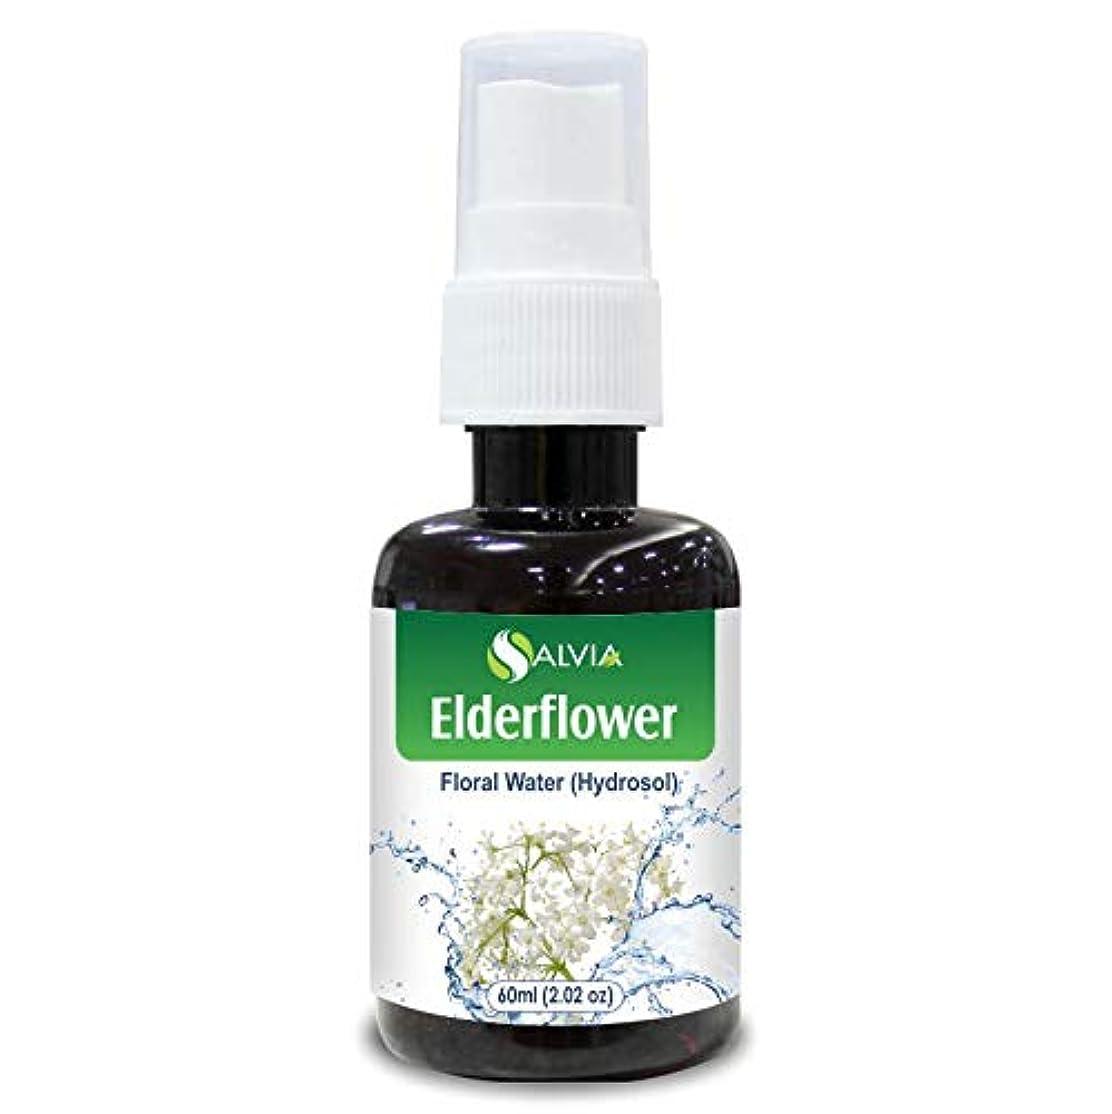 カウボーイ受賞唯物論Elderflower Floral Water 60ml (Hydrosol) 100% Pure And Natural